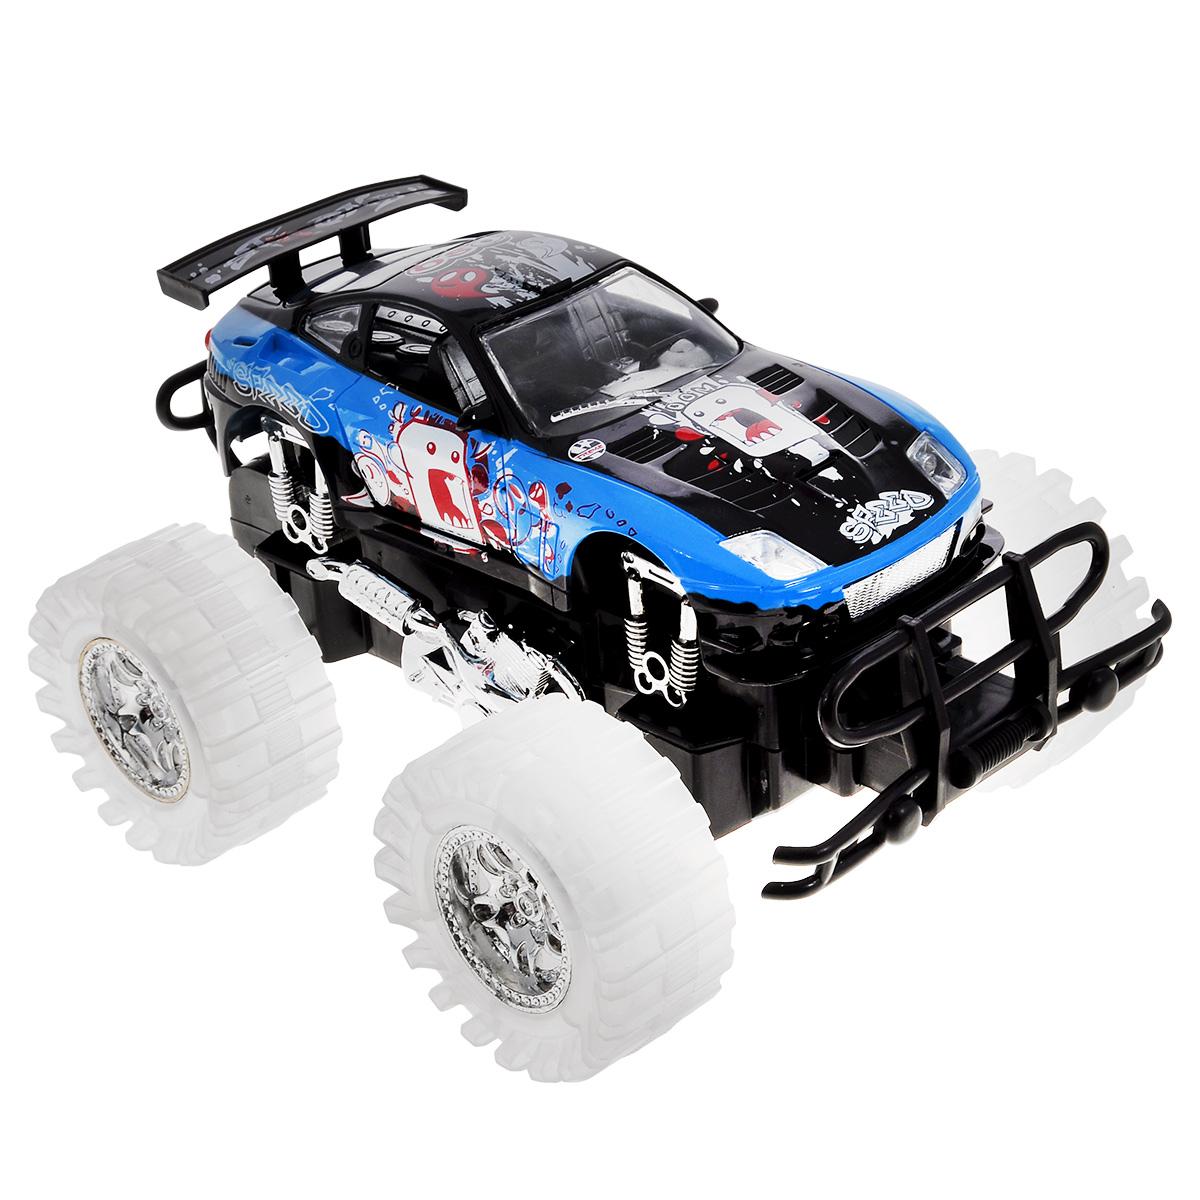 Машинка Пламенный мотор, большие колеса, цвет: черный, голубой87481_черный/голубойМашинка Пламенный мотор с инерционным механизмом, звуковыми и световыми эффектами непременно понравится любому мальчишке. Благодаря инерционному механизму игрушка может двигаться самостоятельно, стоит только откатить машинку назад, а затем отпустить, и она поедет вперед. Этот четырехколесный гигант, известный также как бигфут или монстр-трак, выполнен из высококачественного пластика - ему не страшны столкновения и препятствия! Игрушка работает от трех батареек LR44 1,5V (в комплекте).